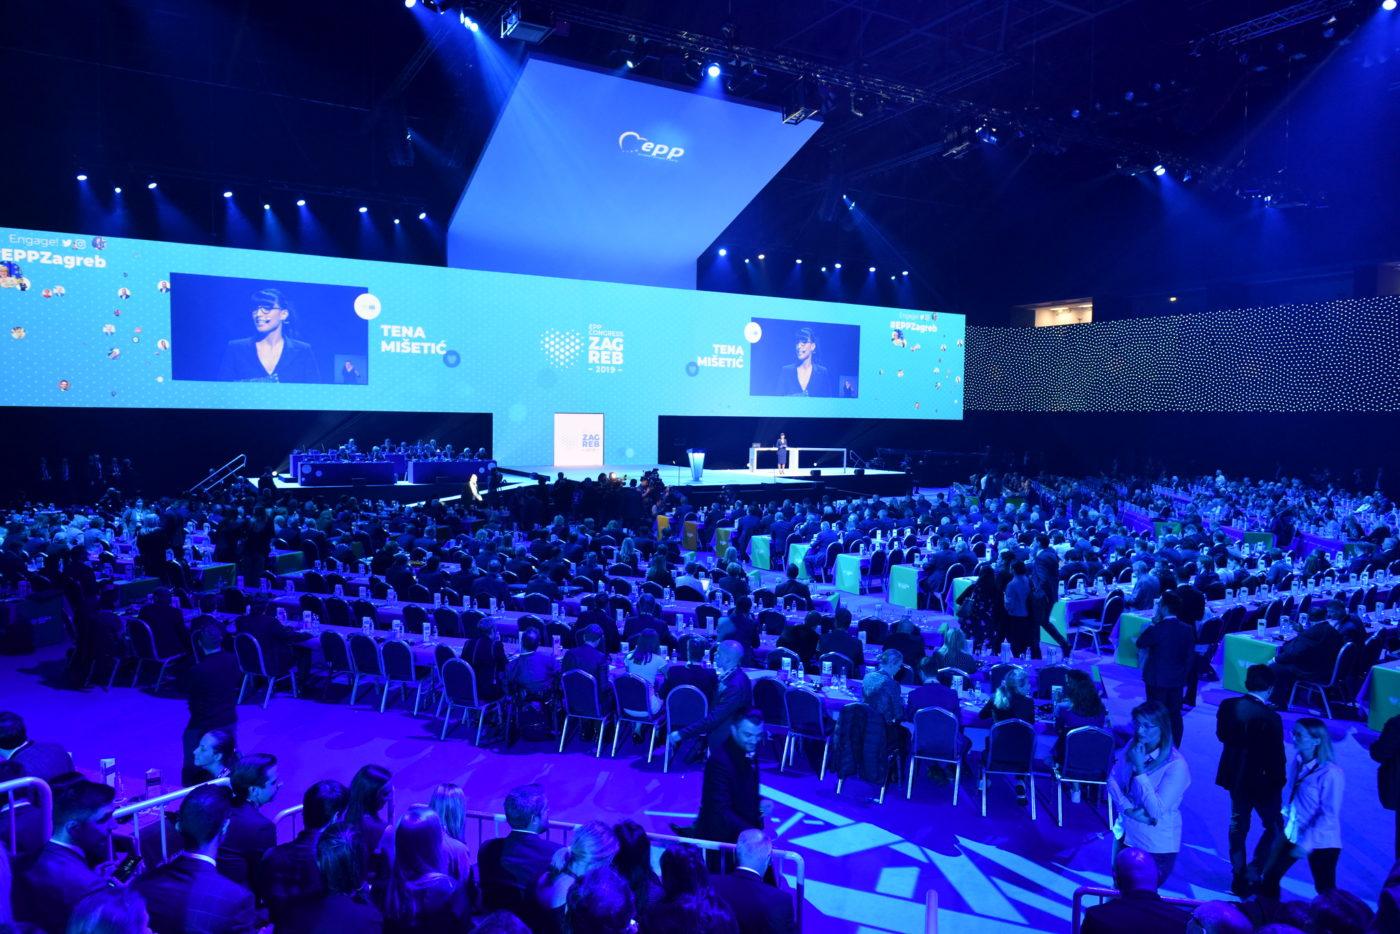 Euroopa Rahvapartei leidis üksmeelselt, et EL-i laienemise blokeerimine on suur strateegiline viga